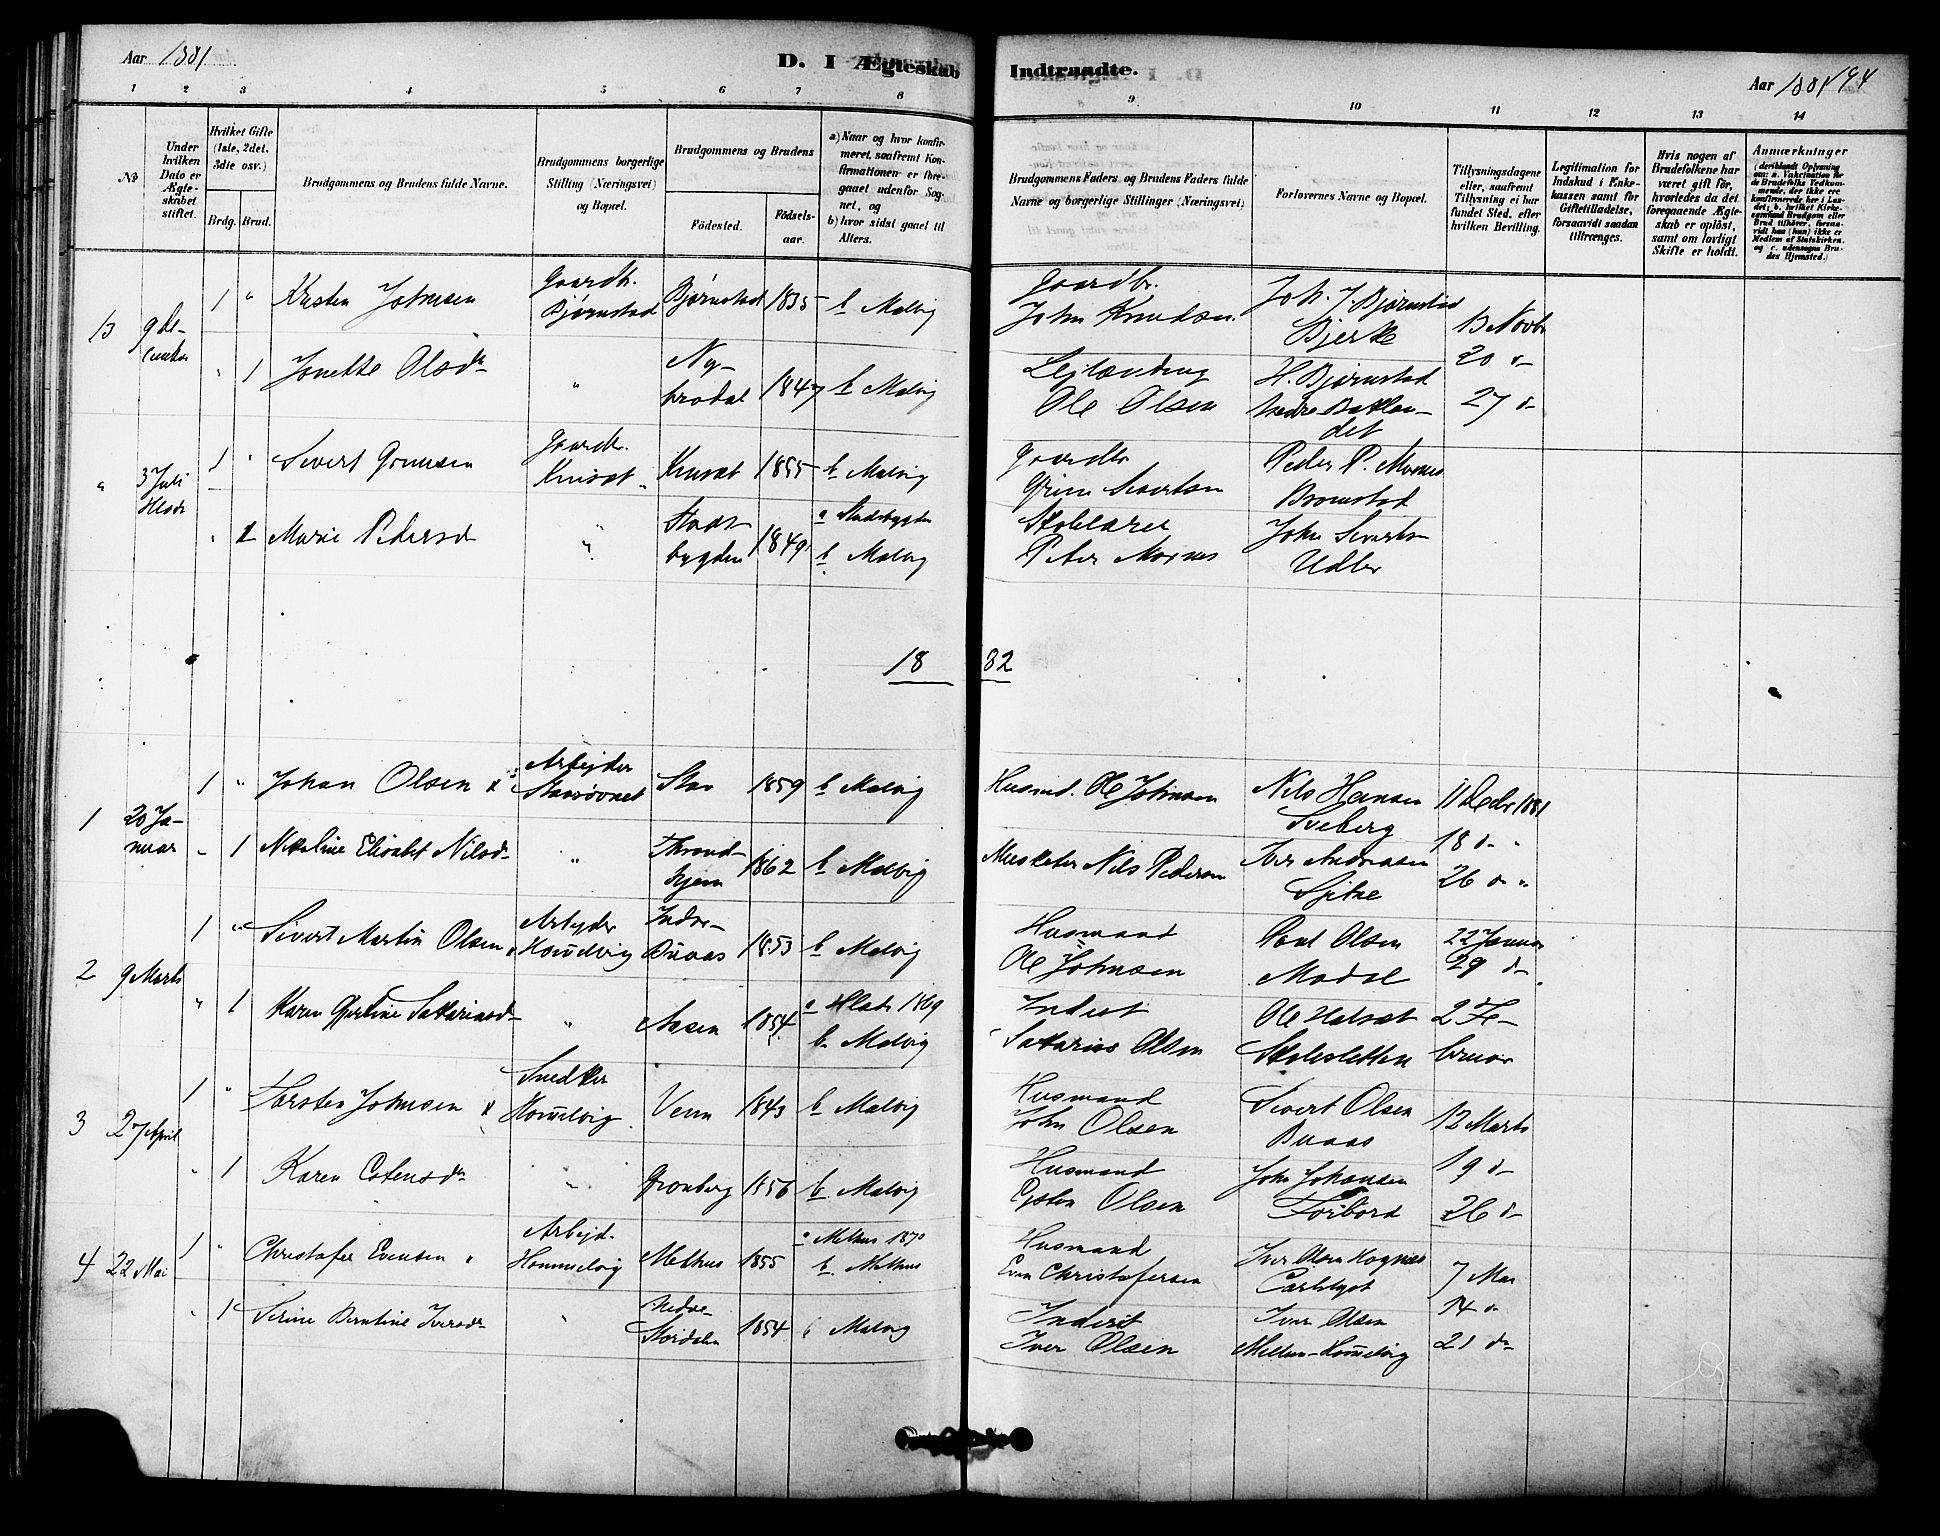 SAT, Ministerialprotokoller, klokkerbøker og fødselsregistre - Sør-Trøndelag, 616/L0410: Ministerialbok nr. 616A07, 1878-1893, s. 194